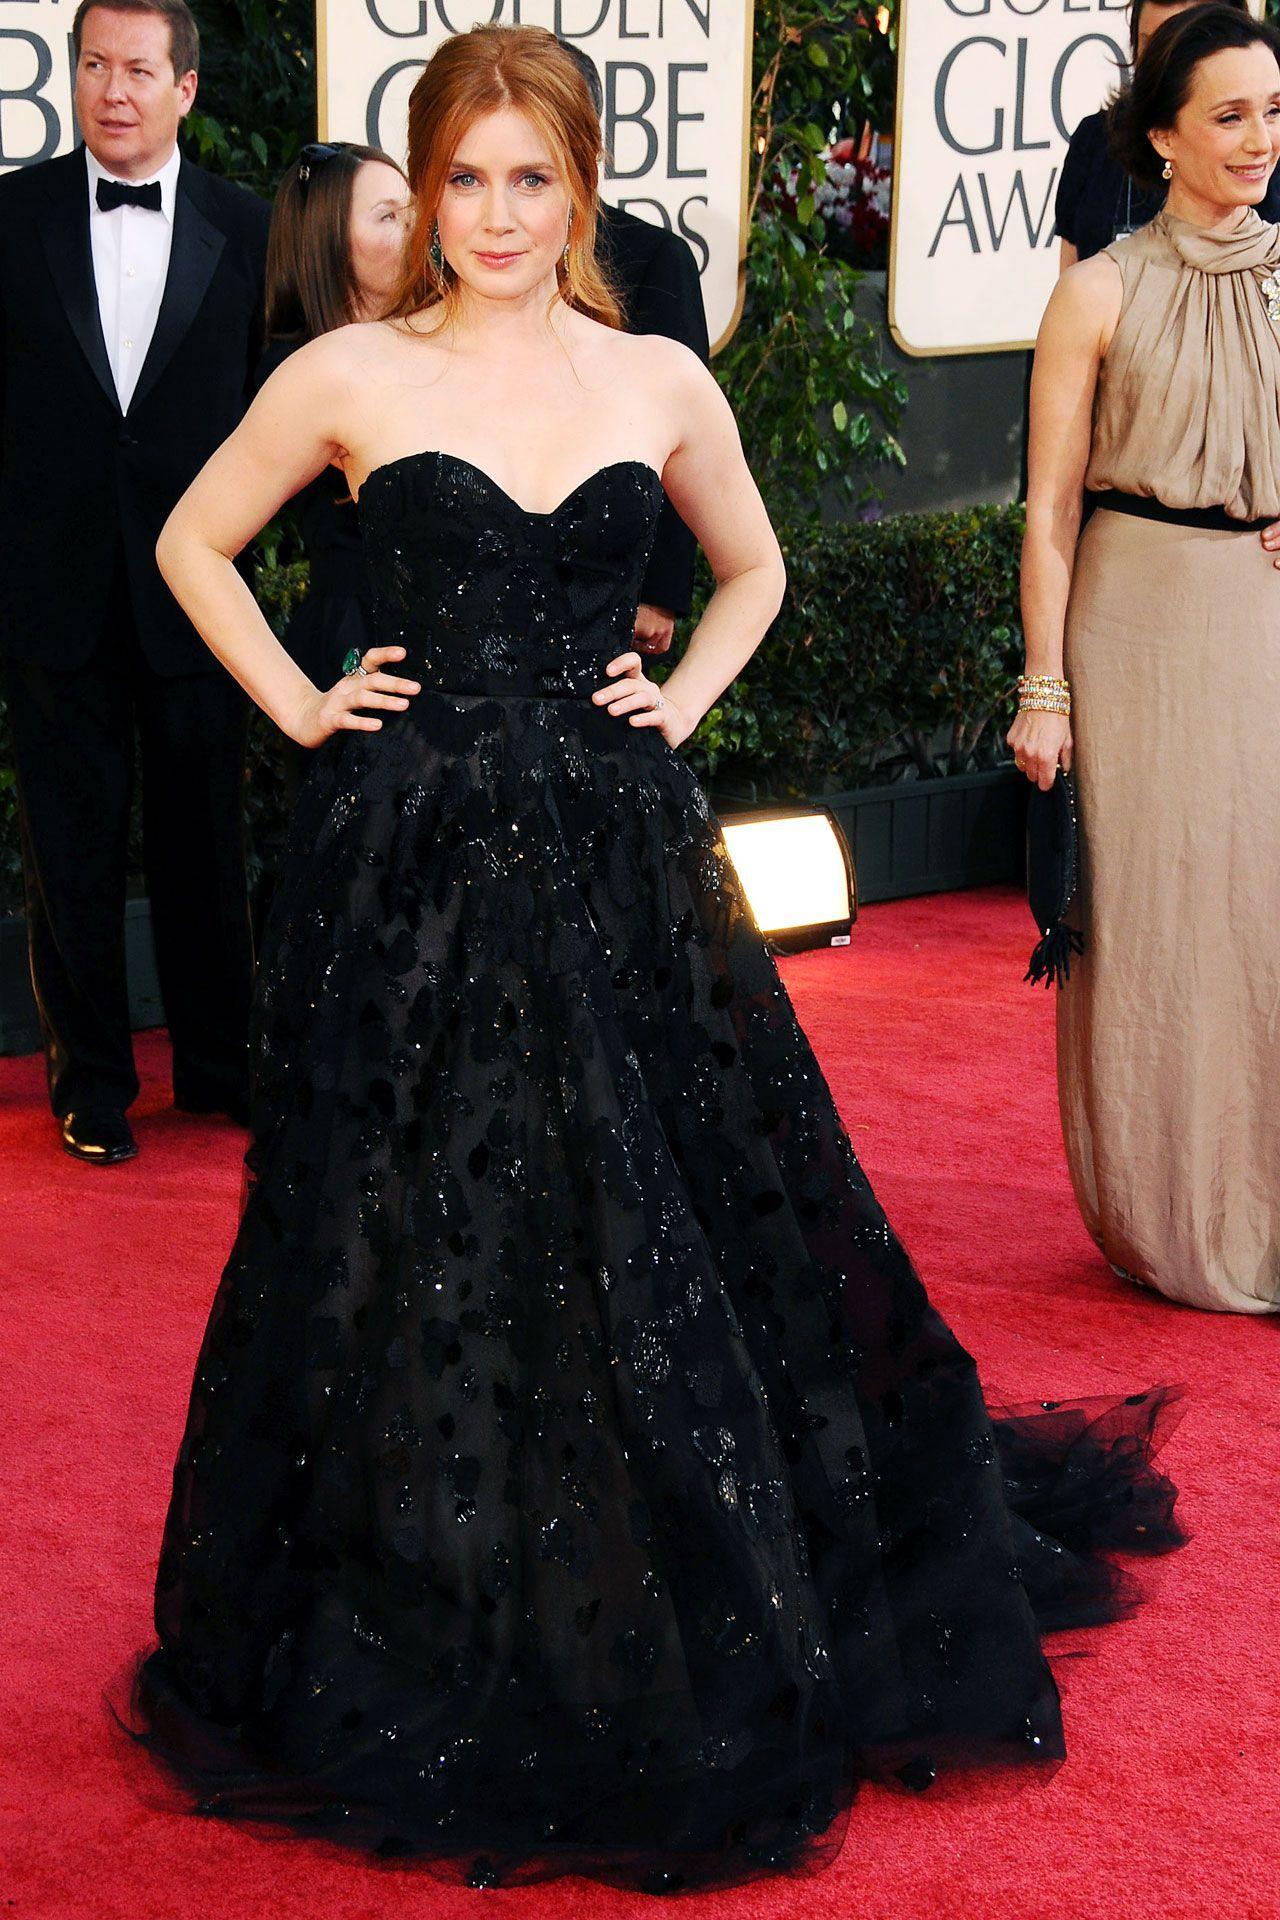 2009 - Amy Adams in Oscar de la Renta